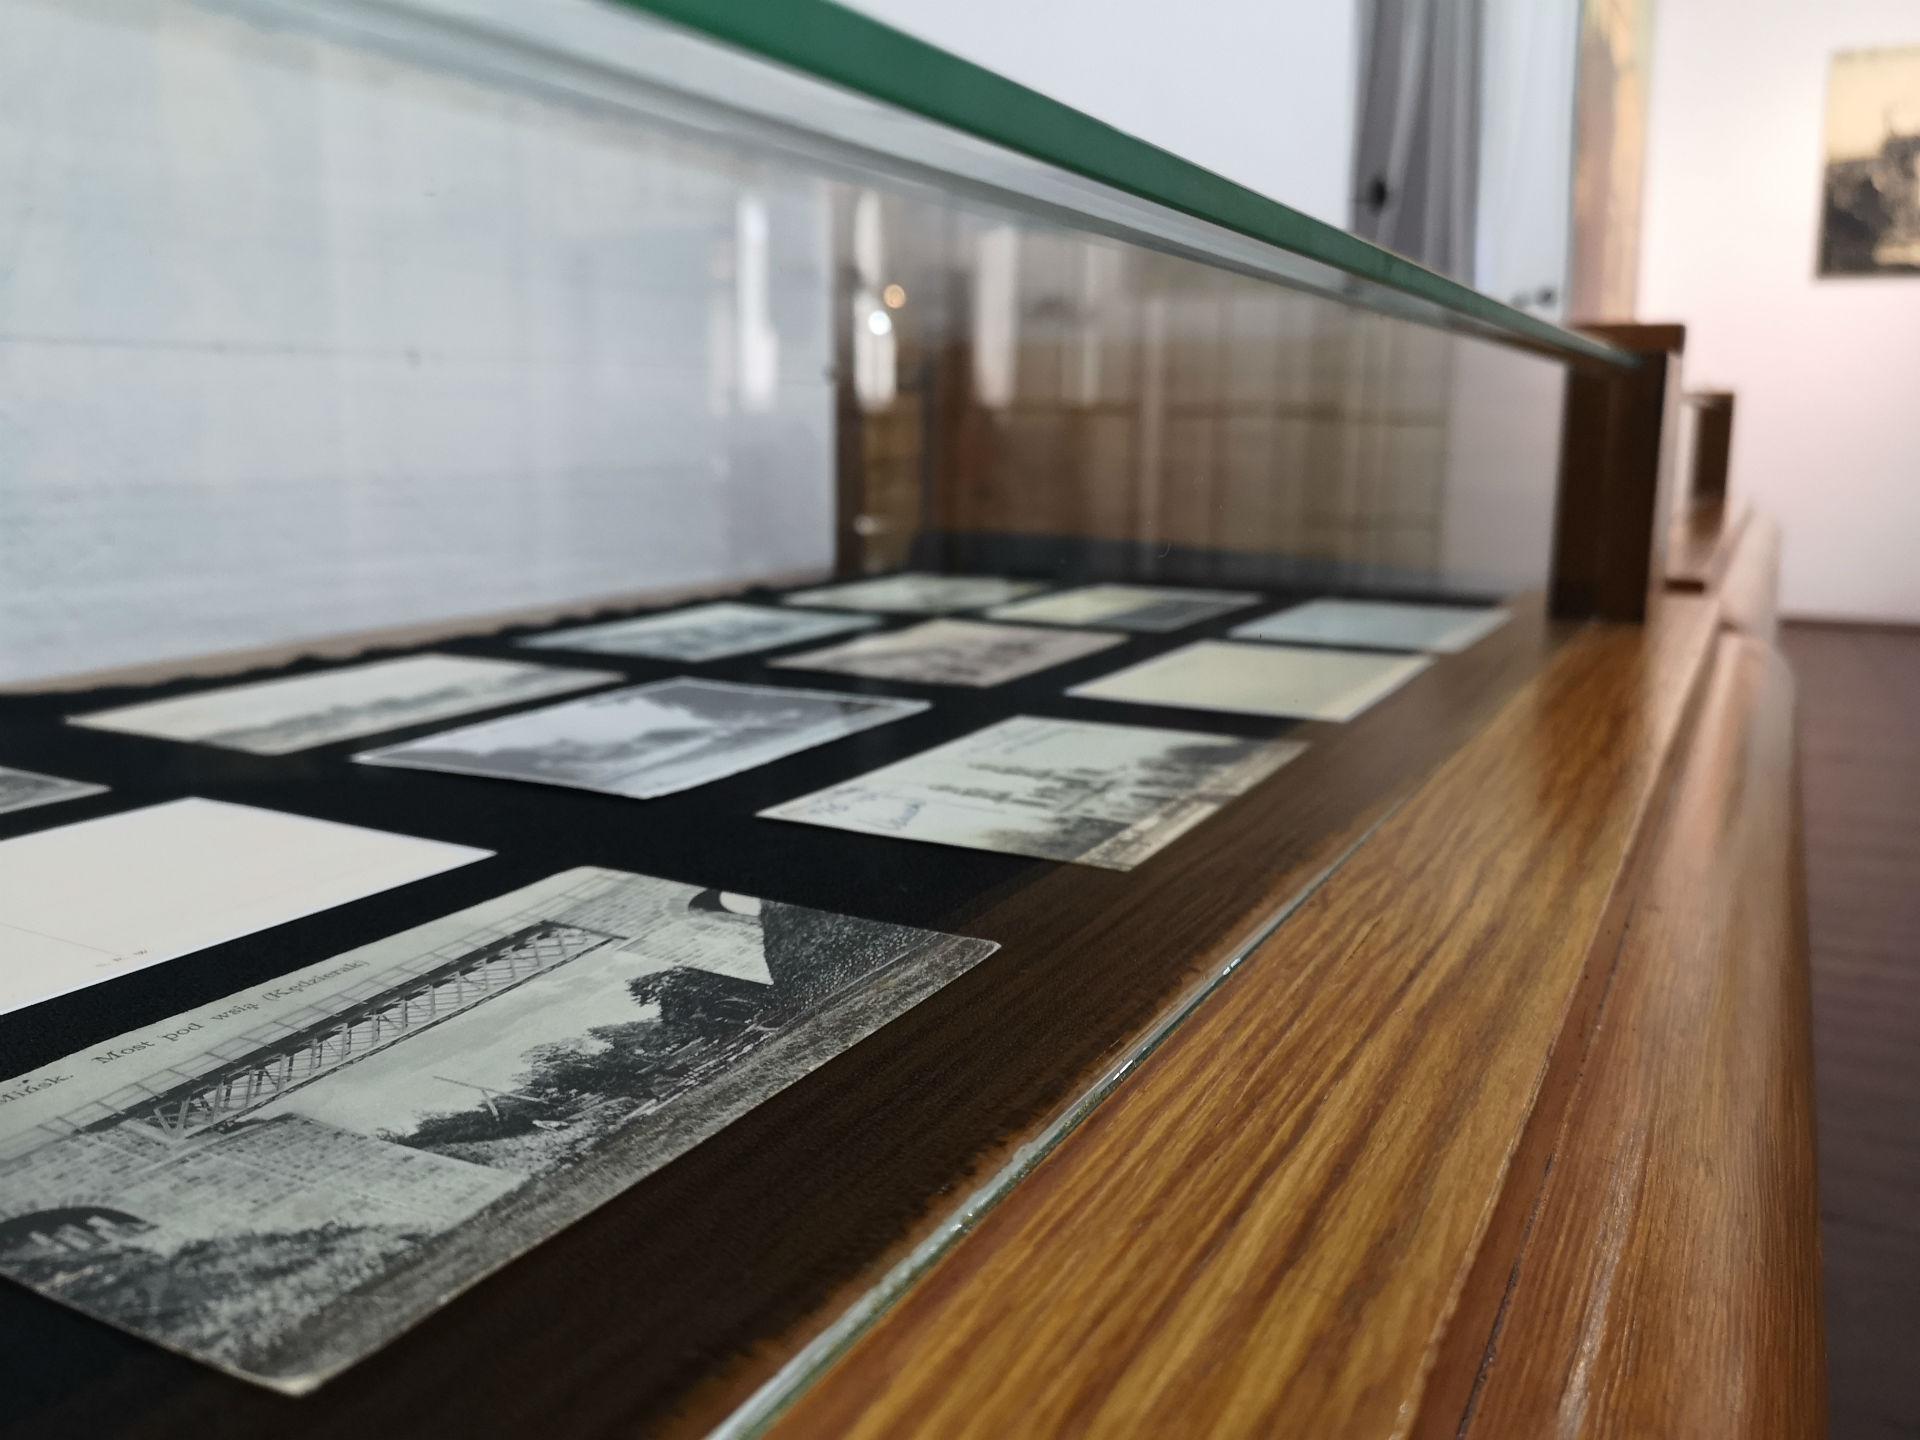 Wnętrze gabloty. Na pierwszym planie pocztówka z historycznym widokiem mostu kolejowego w Mińsku Mazowieckim. W tle reszta ekspozycji.